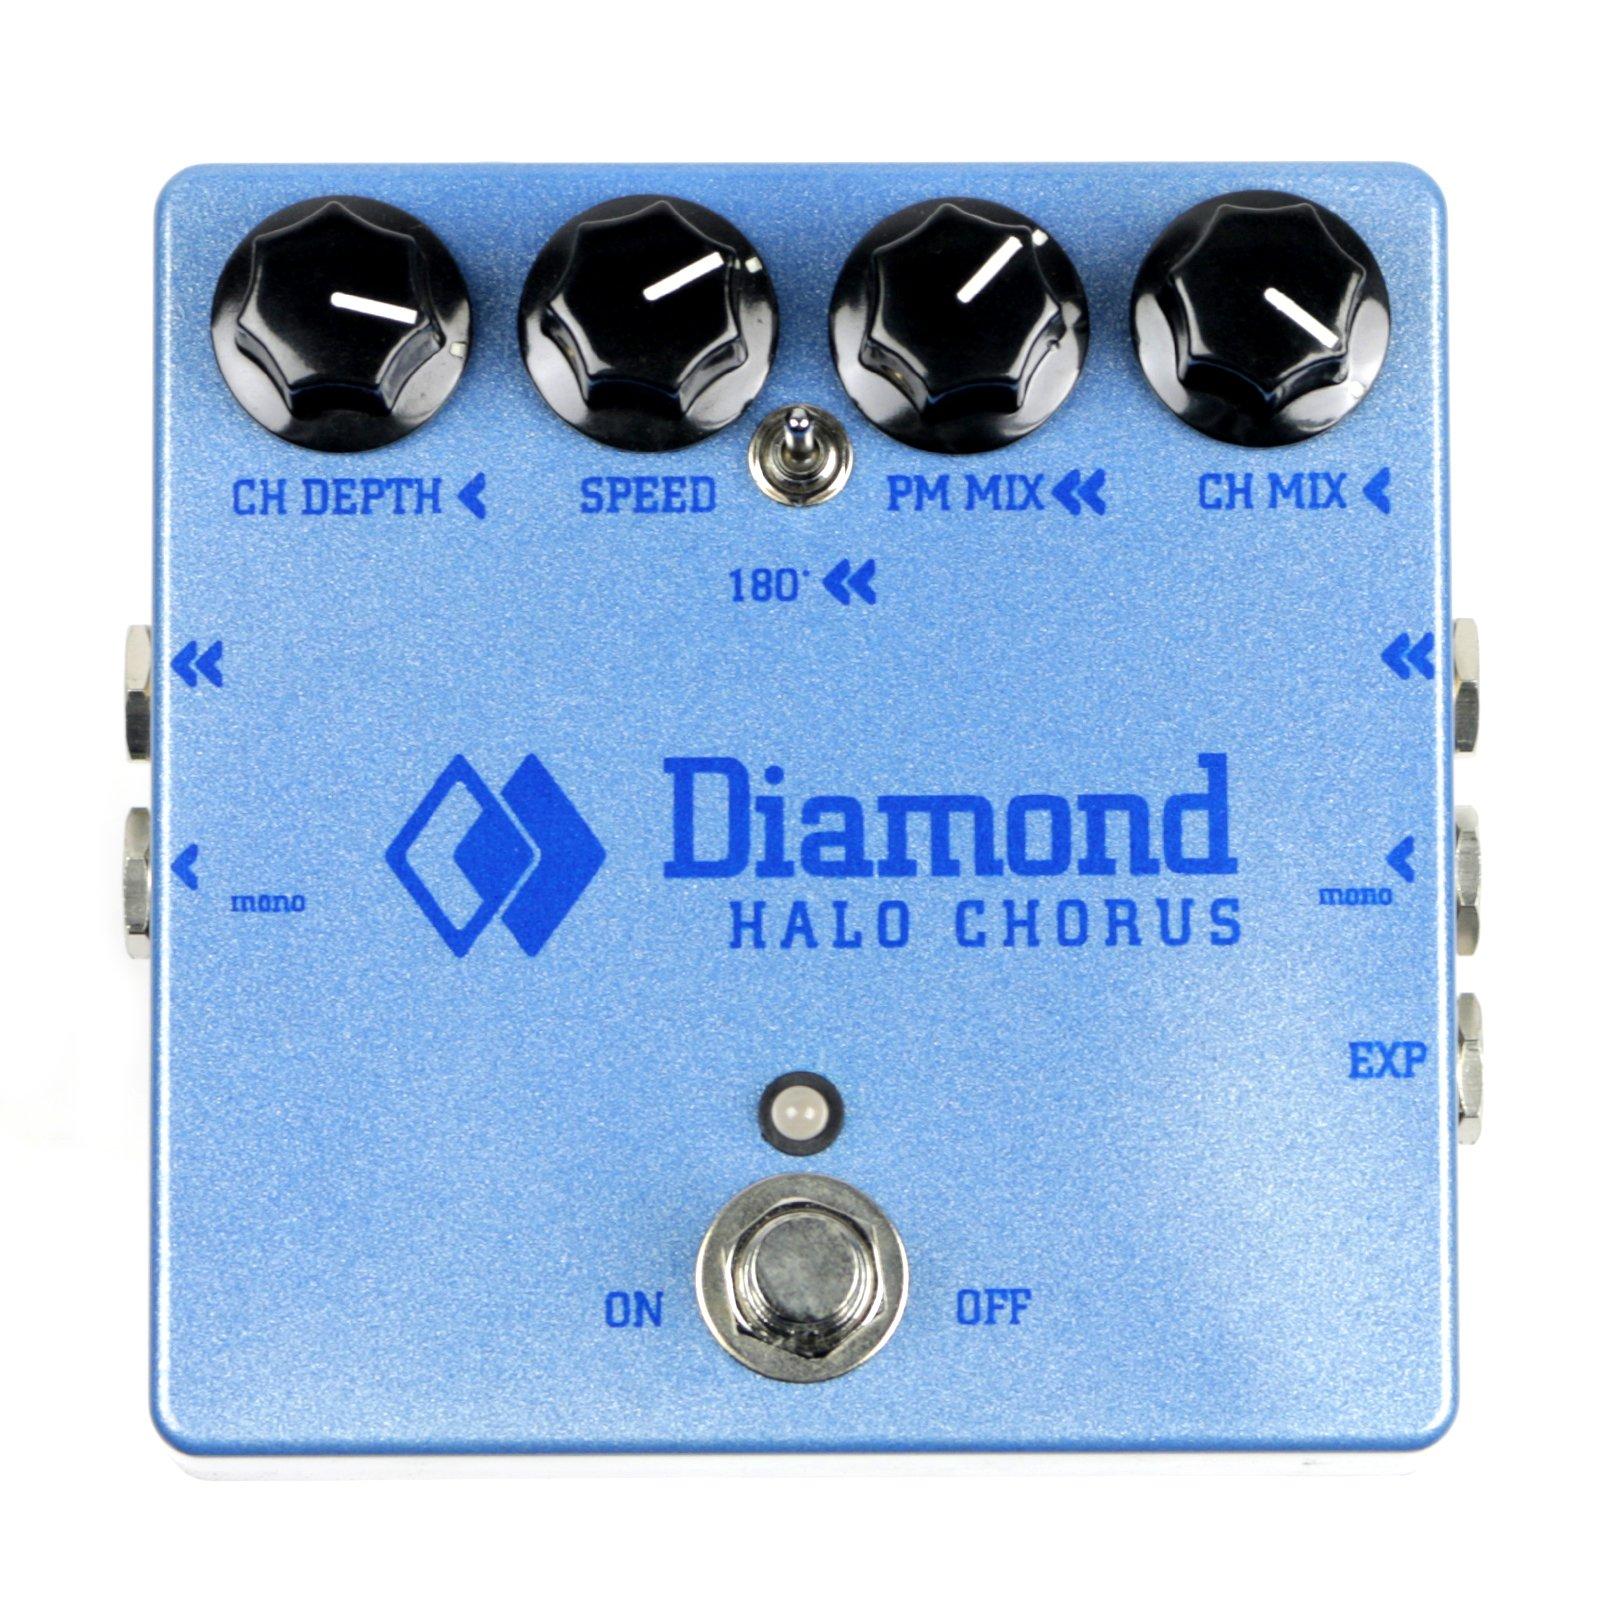 Diamond Halo Chorus - Floor Model Demo